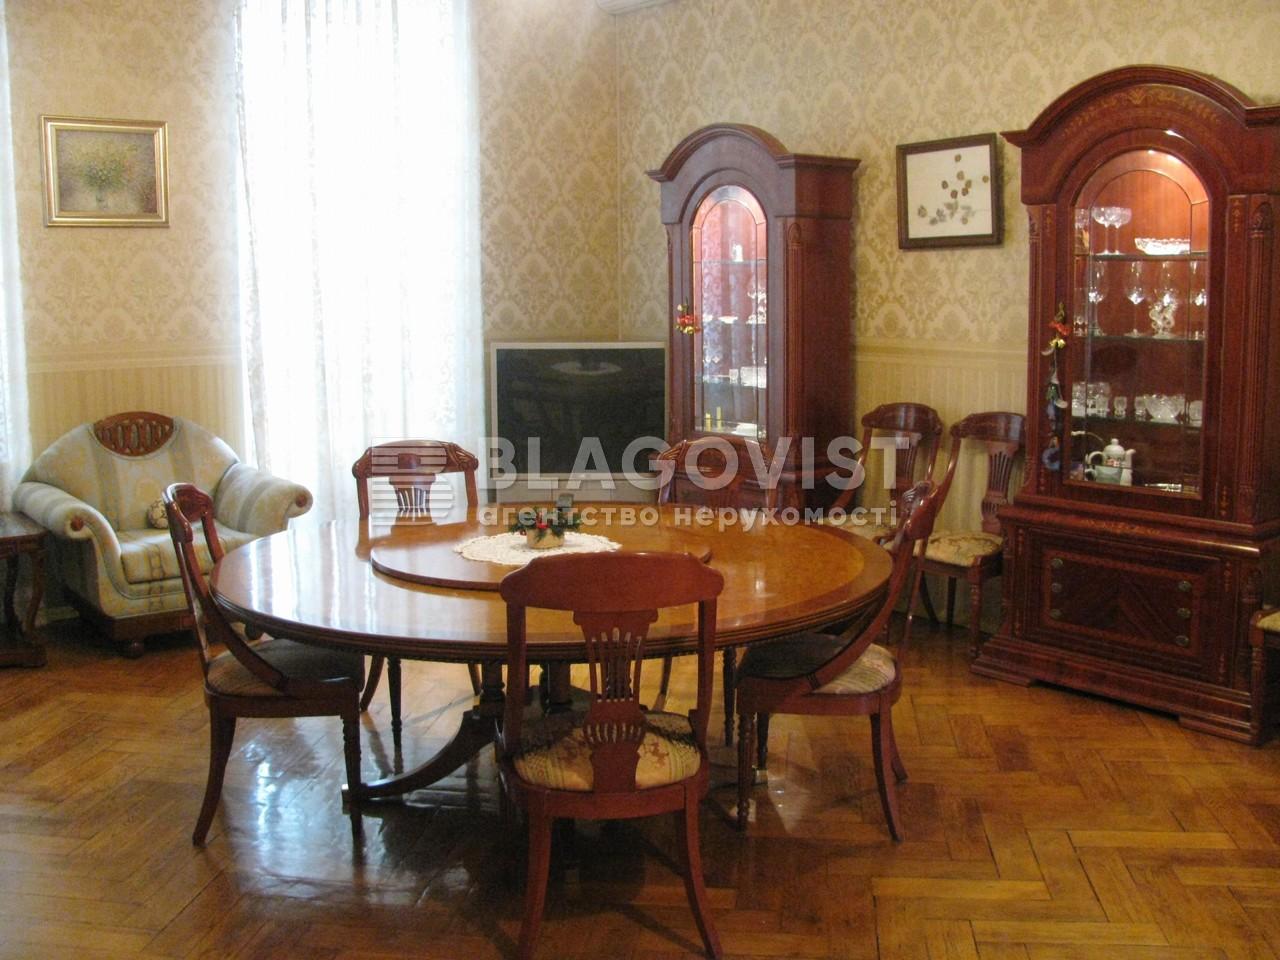 Квартира E-34790, Толстого Льва, 11/61, Киев - Фото 4